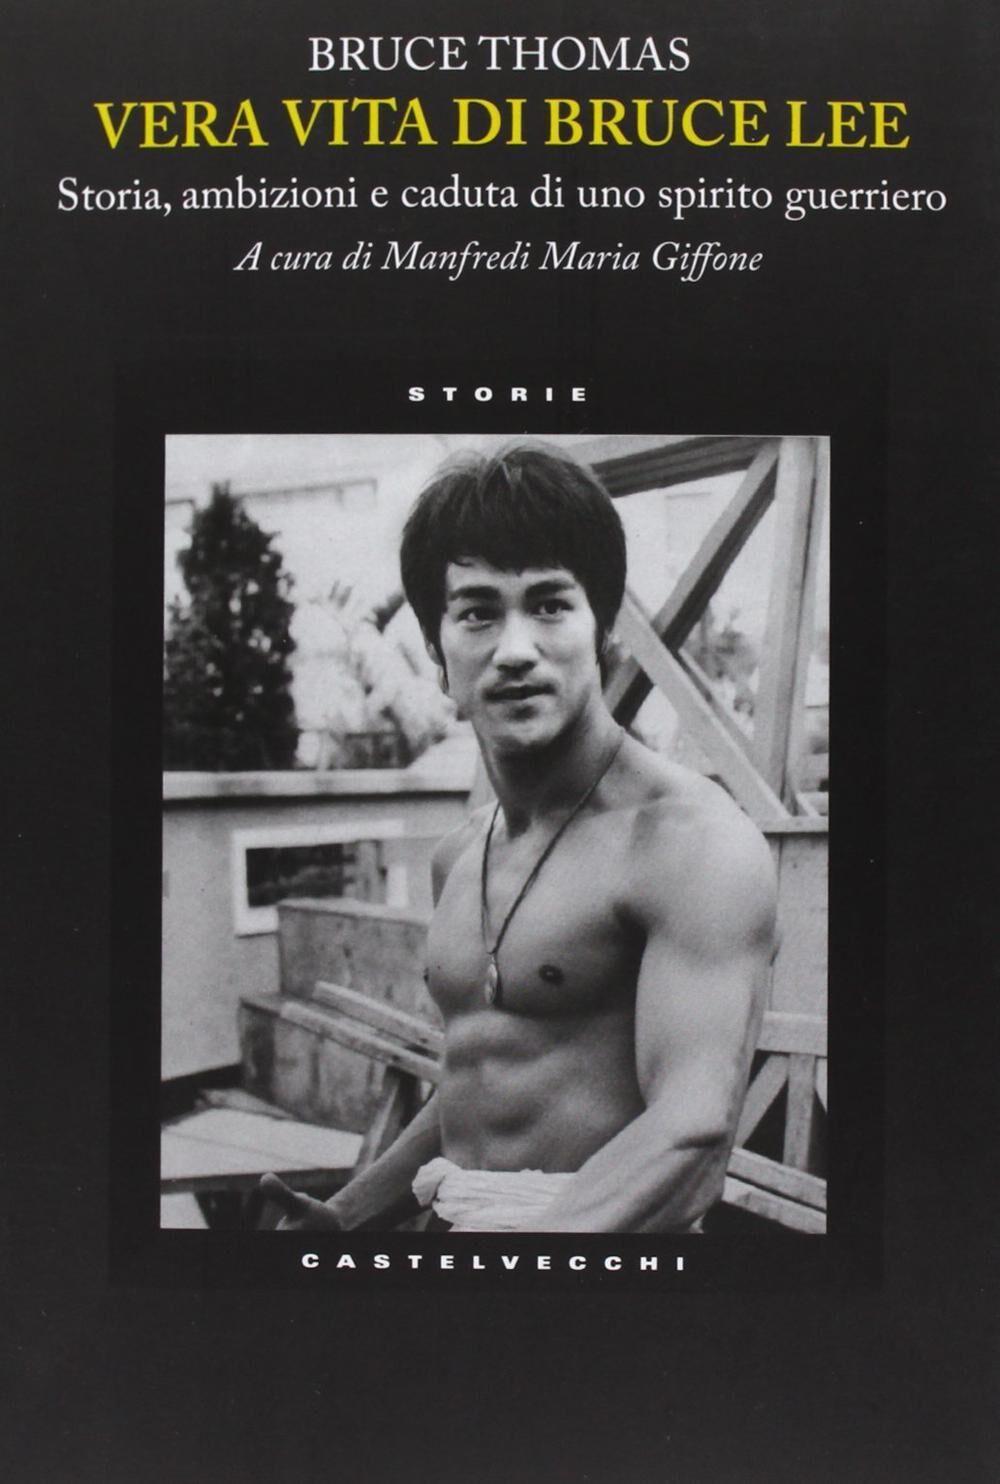 Vera vita di Bruce Lee. Storia, ambizioni e caduta di uno spirito guerriero